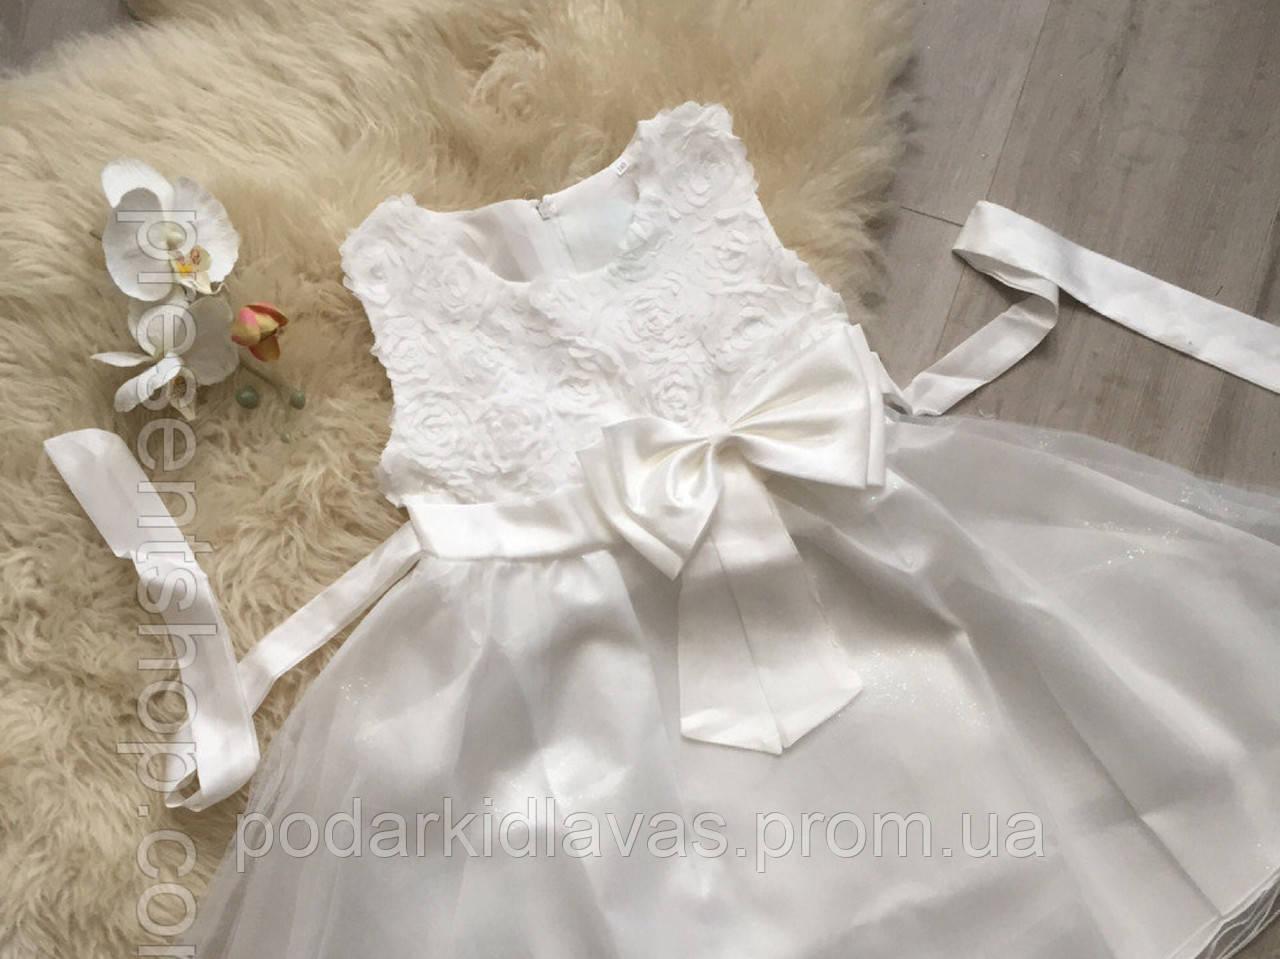 Платье Белое  с блестящее   фатиновой юбкой и бантом, 120